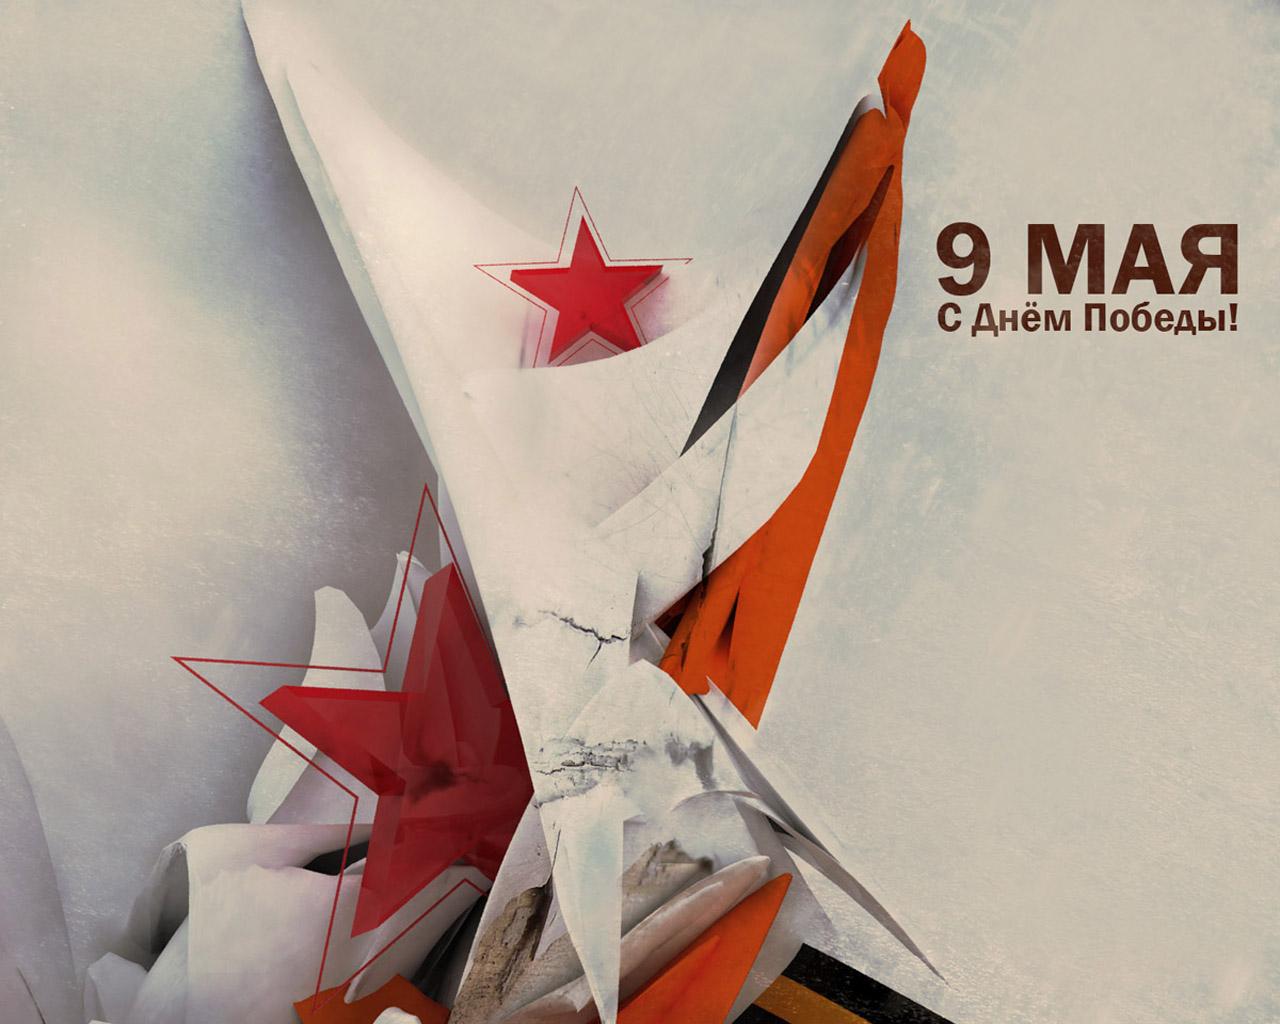 Открытки праздники открытки на 9 мая